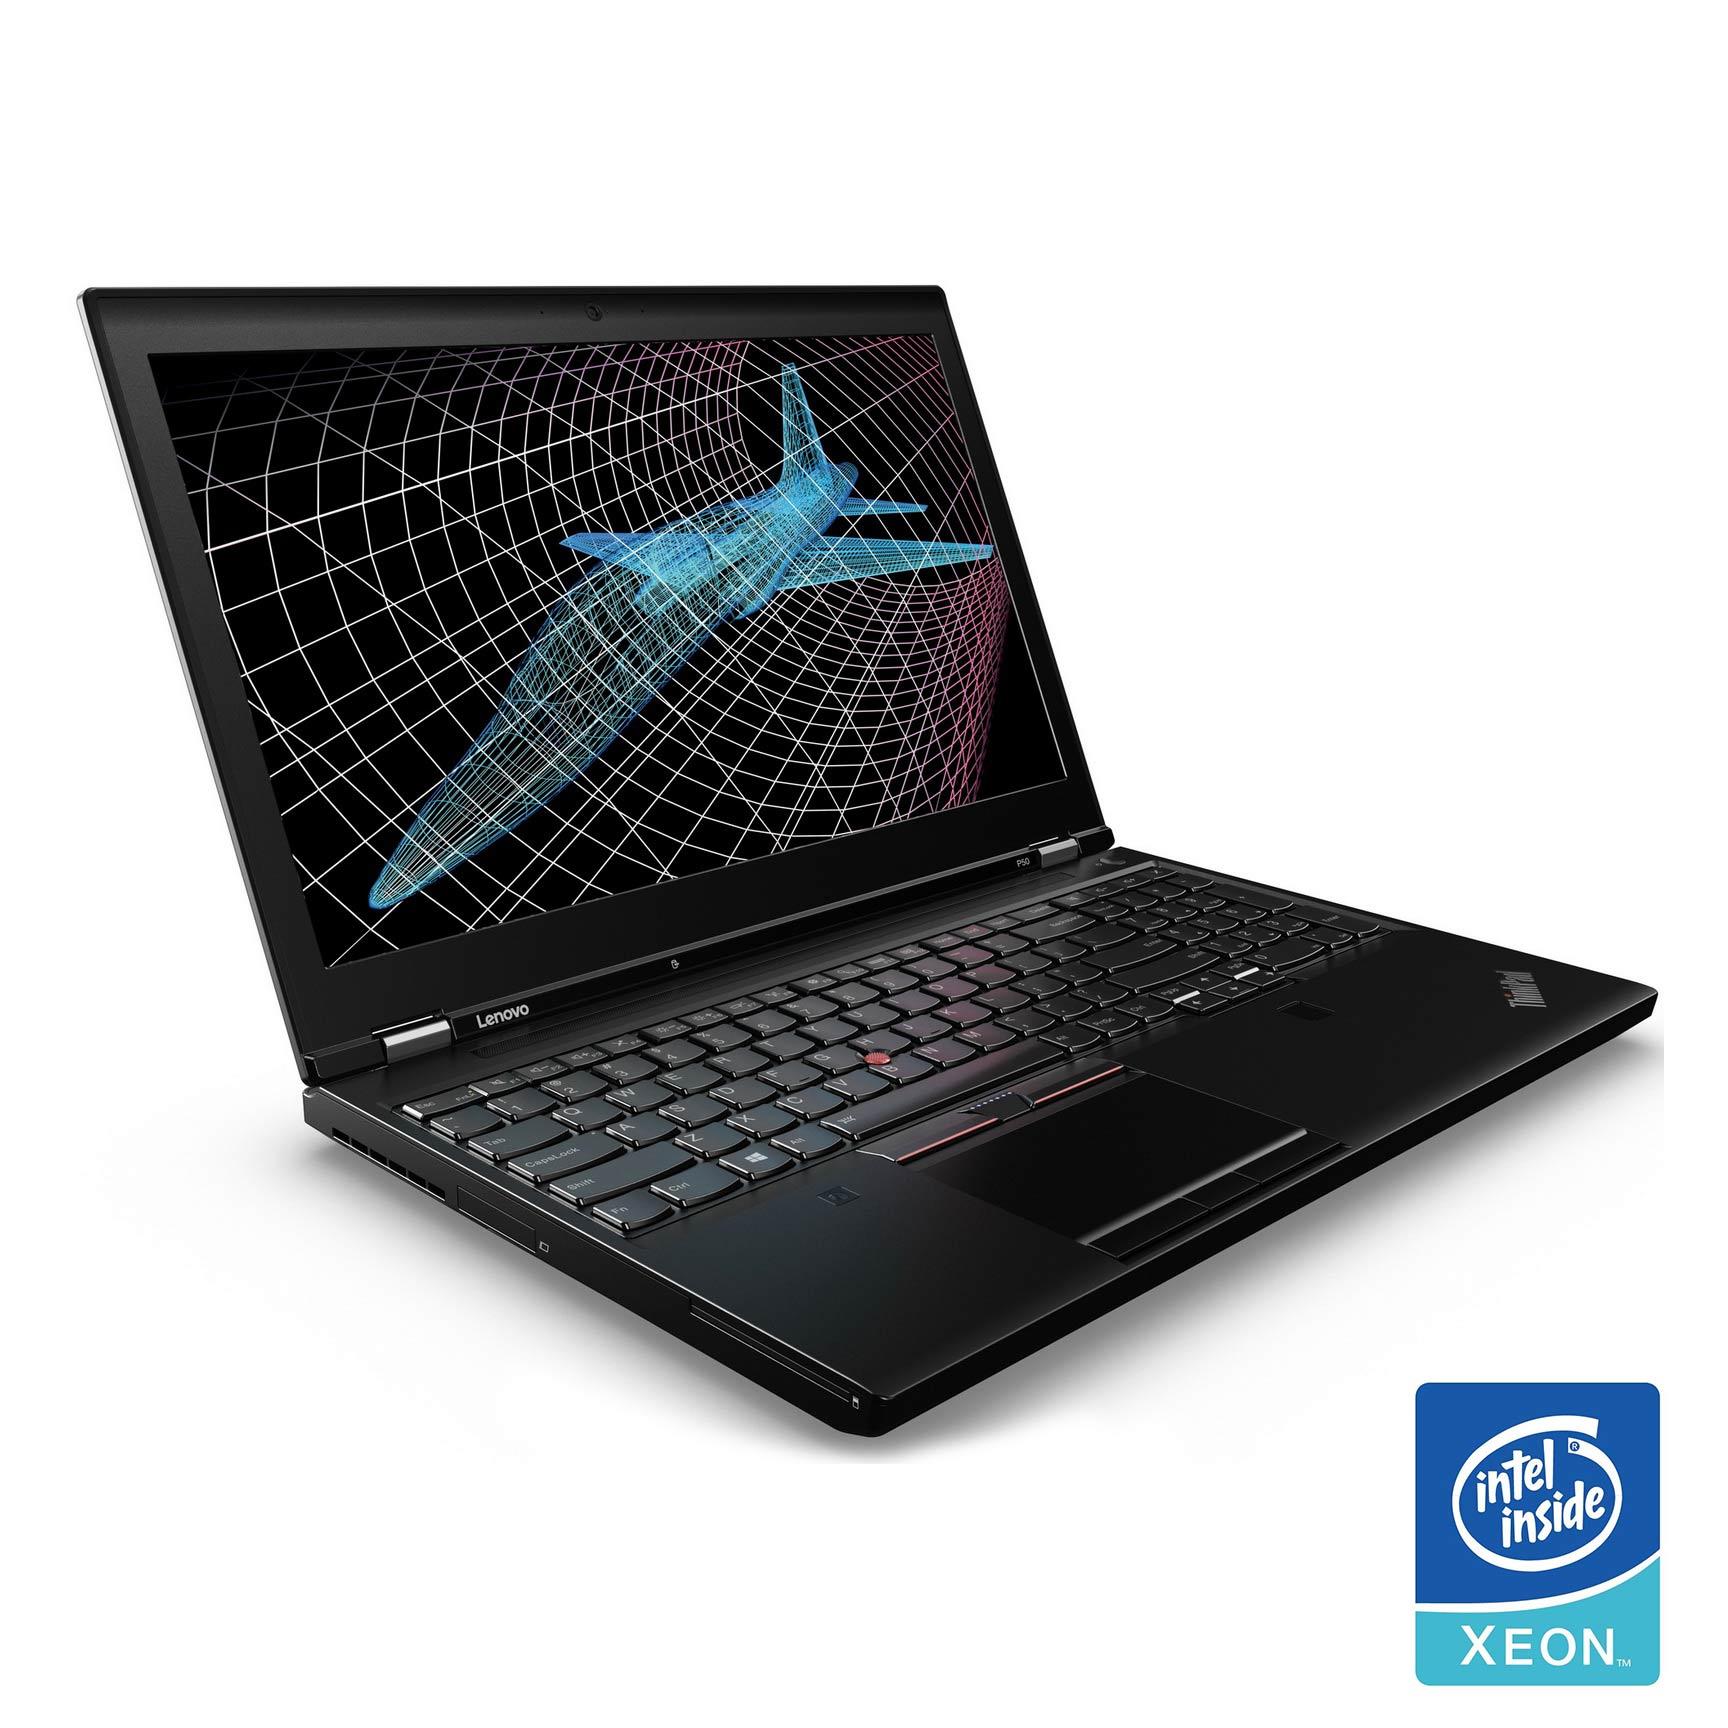 لپ تاپ صنعتی استوک لنوو مدل ThinkPad P50 پردازنده Xeon